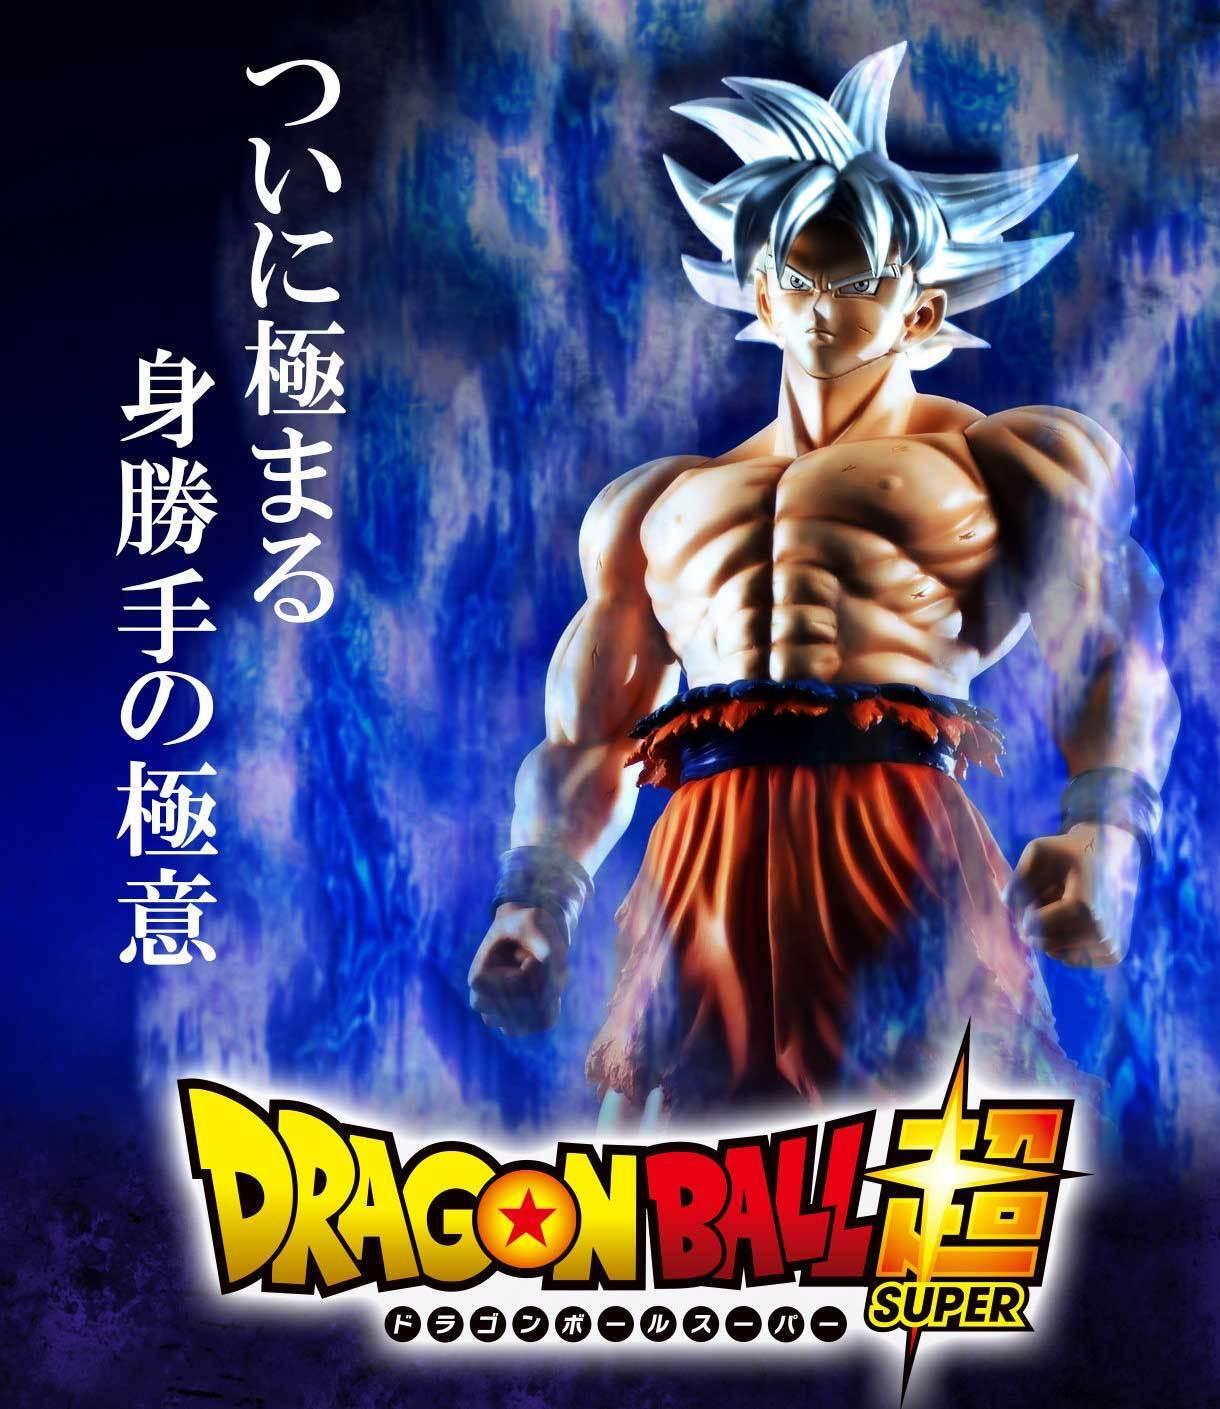 La serie gigante de las bolas de dragón súper goku súper instinto X